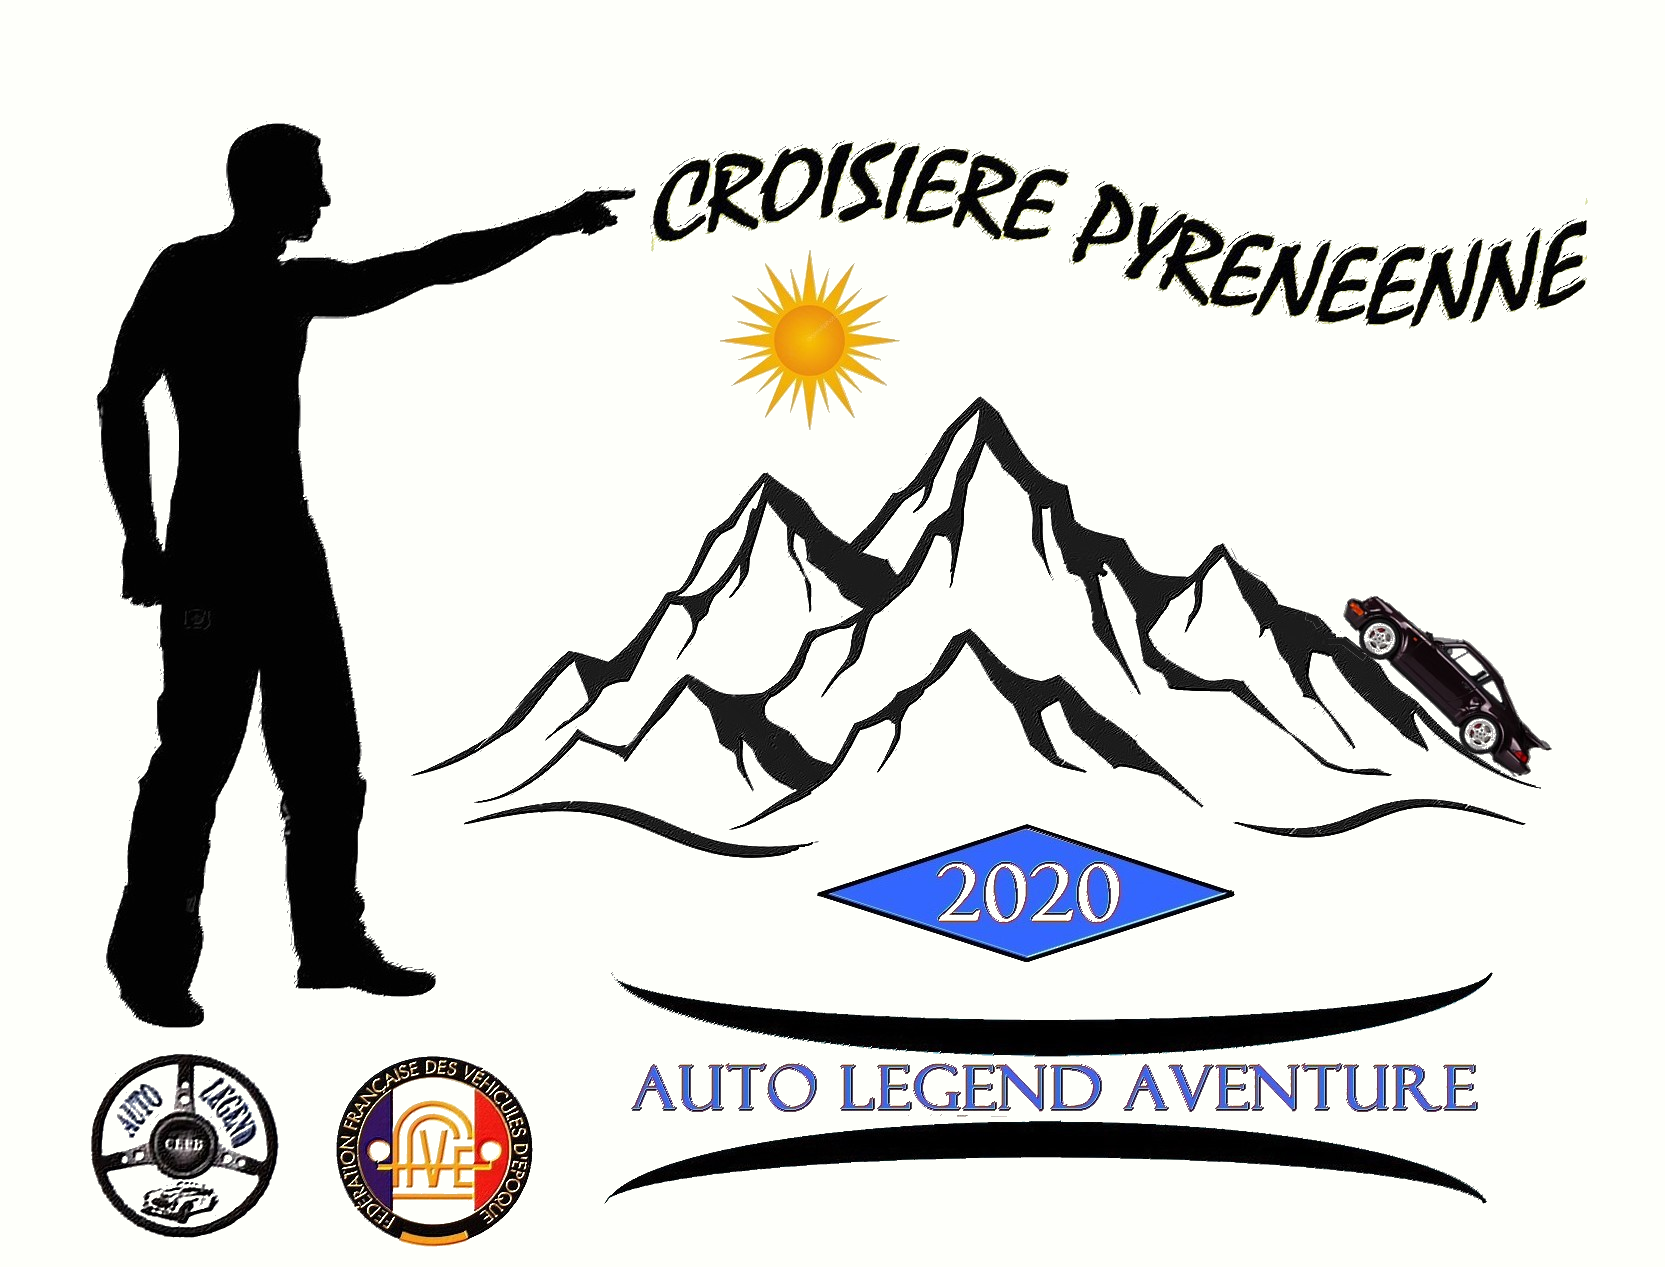 Logo pyr 2020 2448